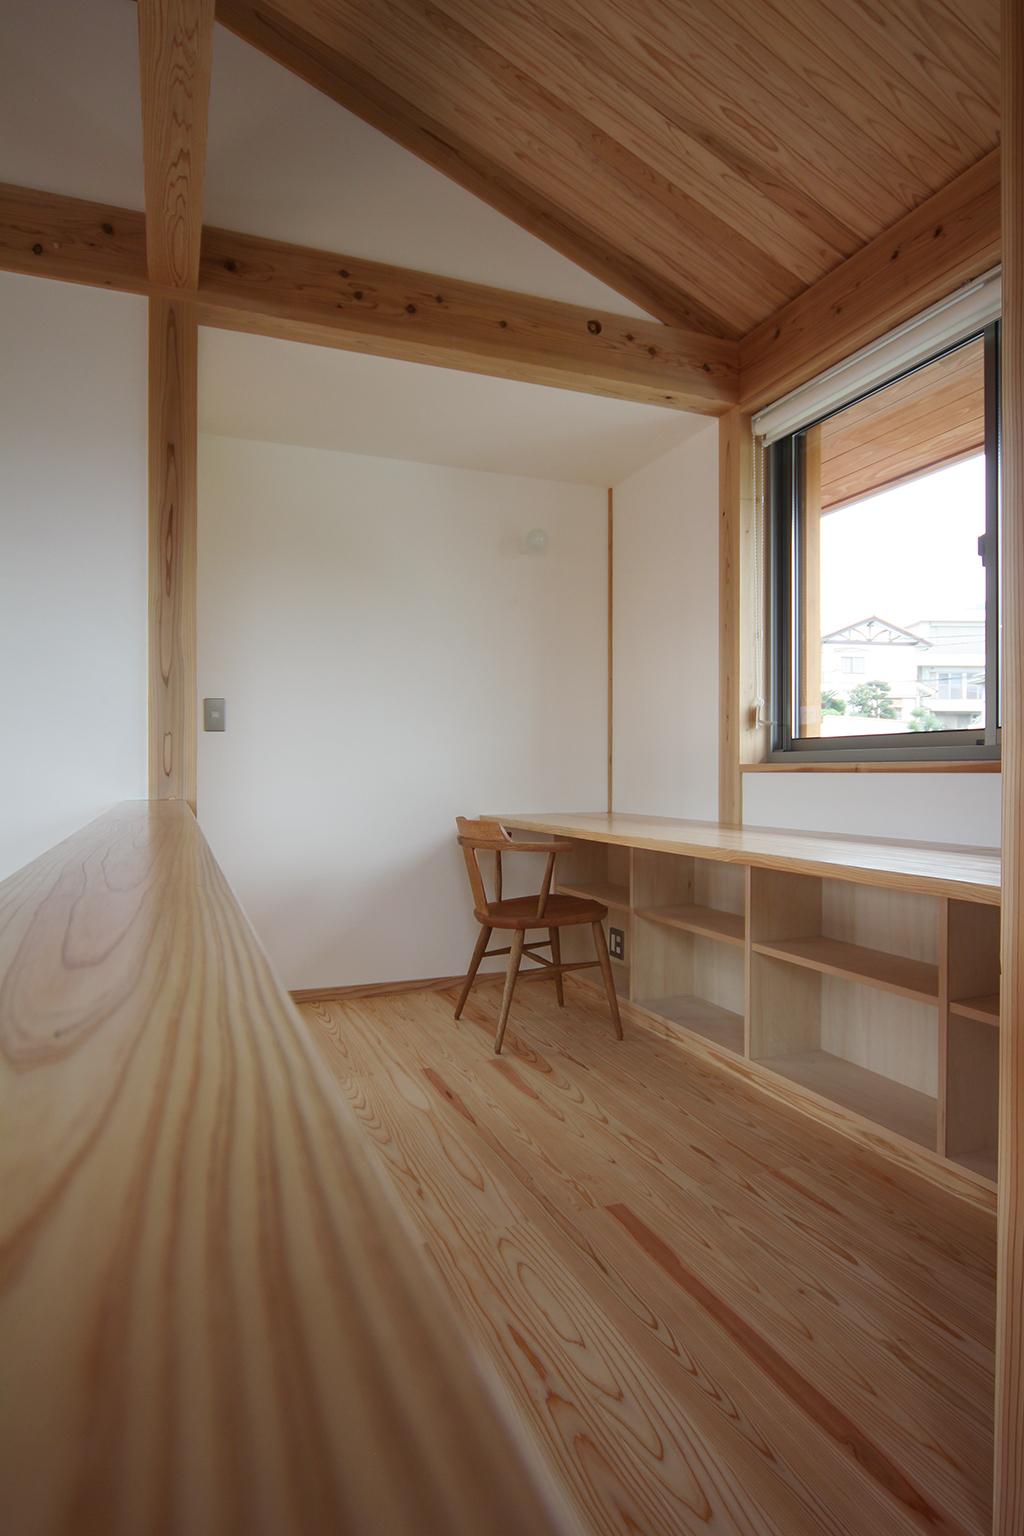 神戸市の木の家 フリールーム